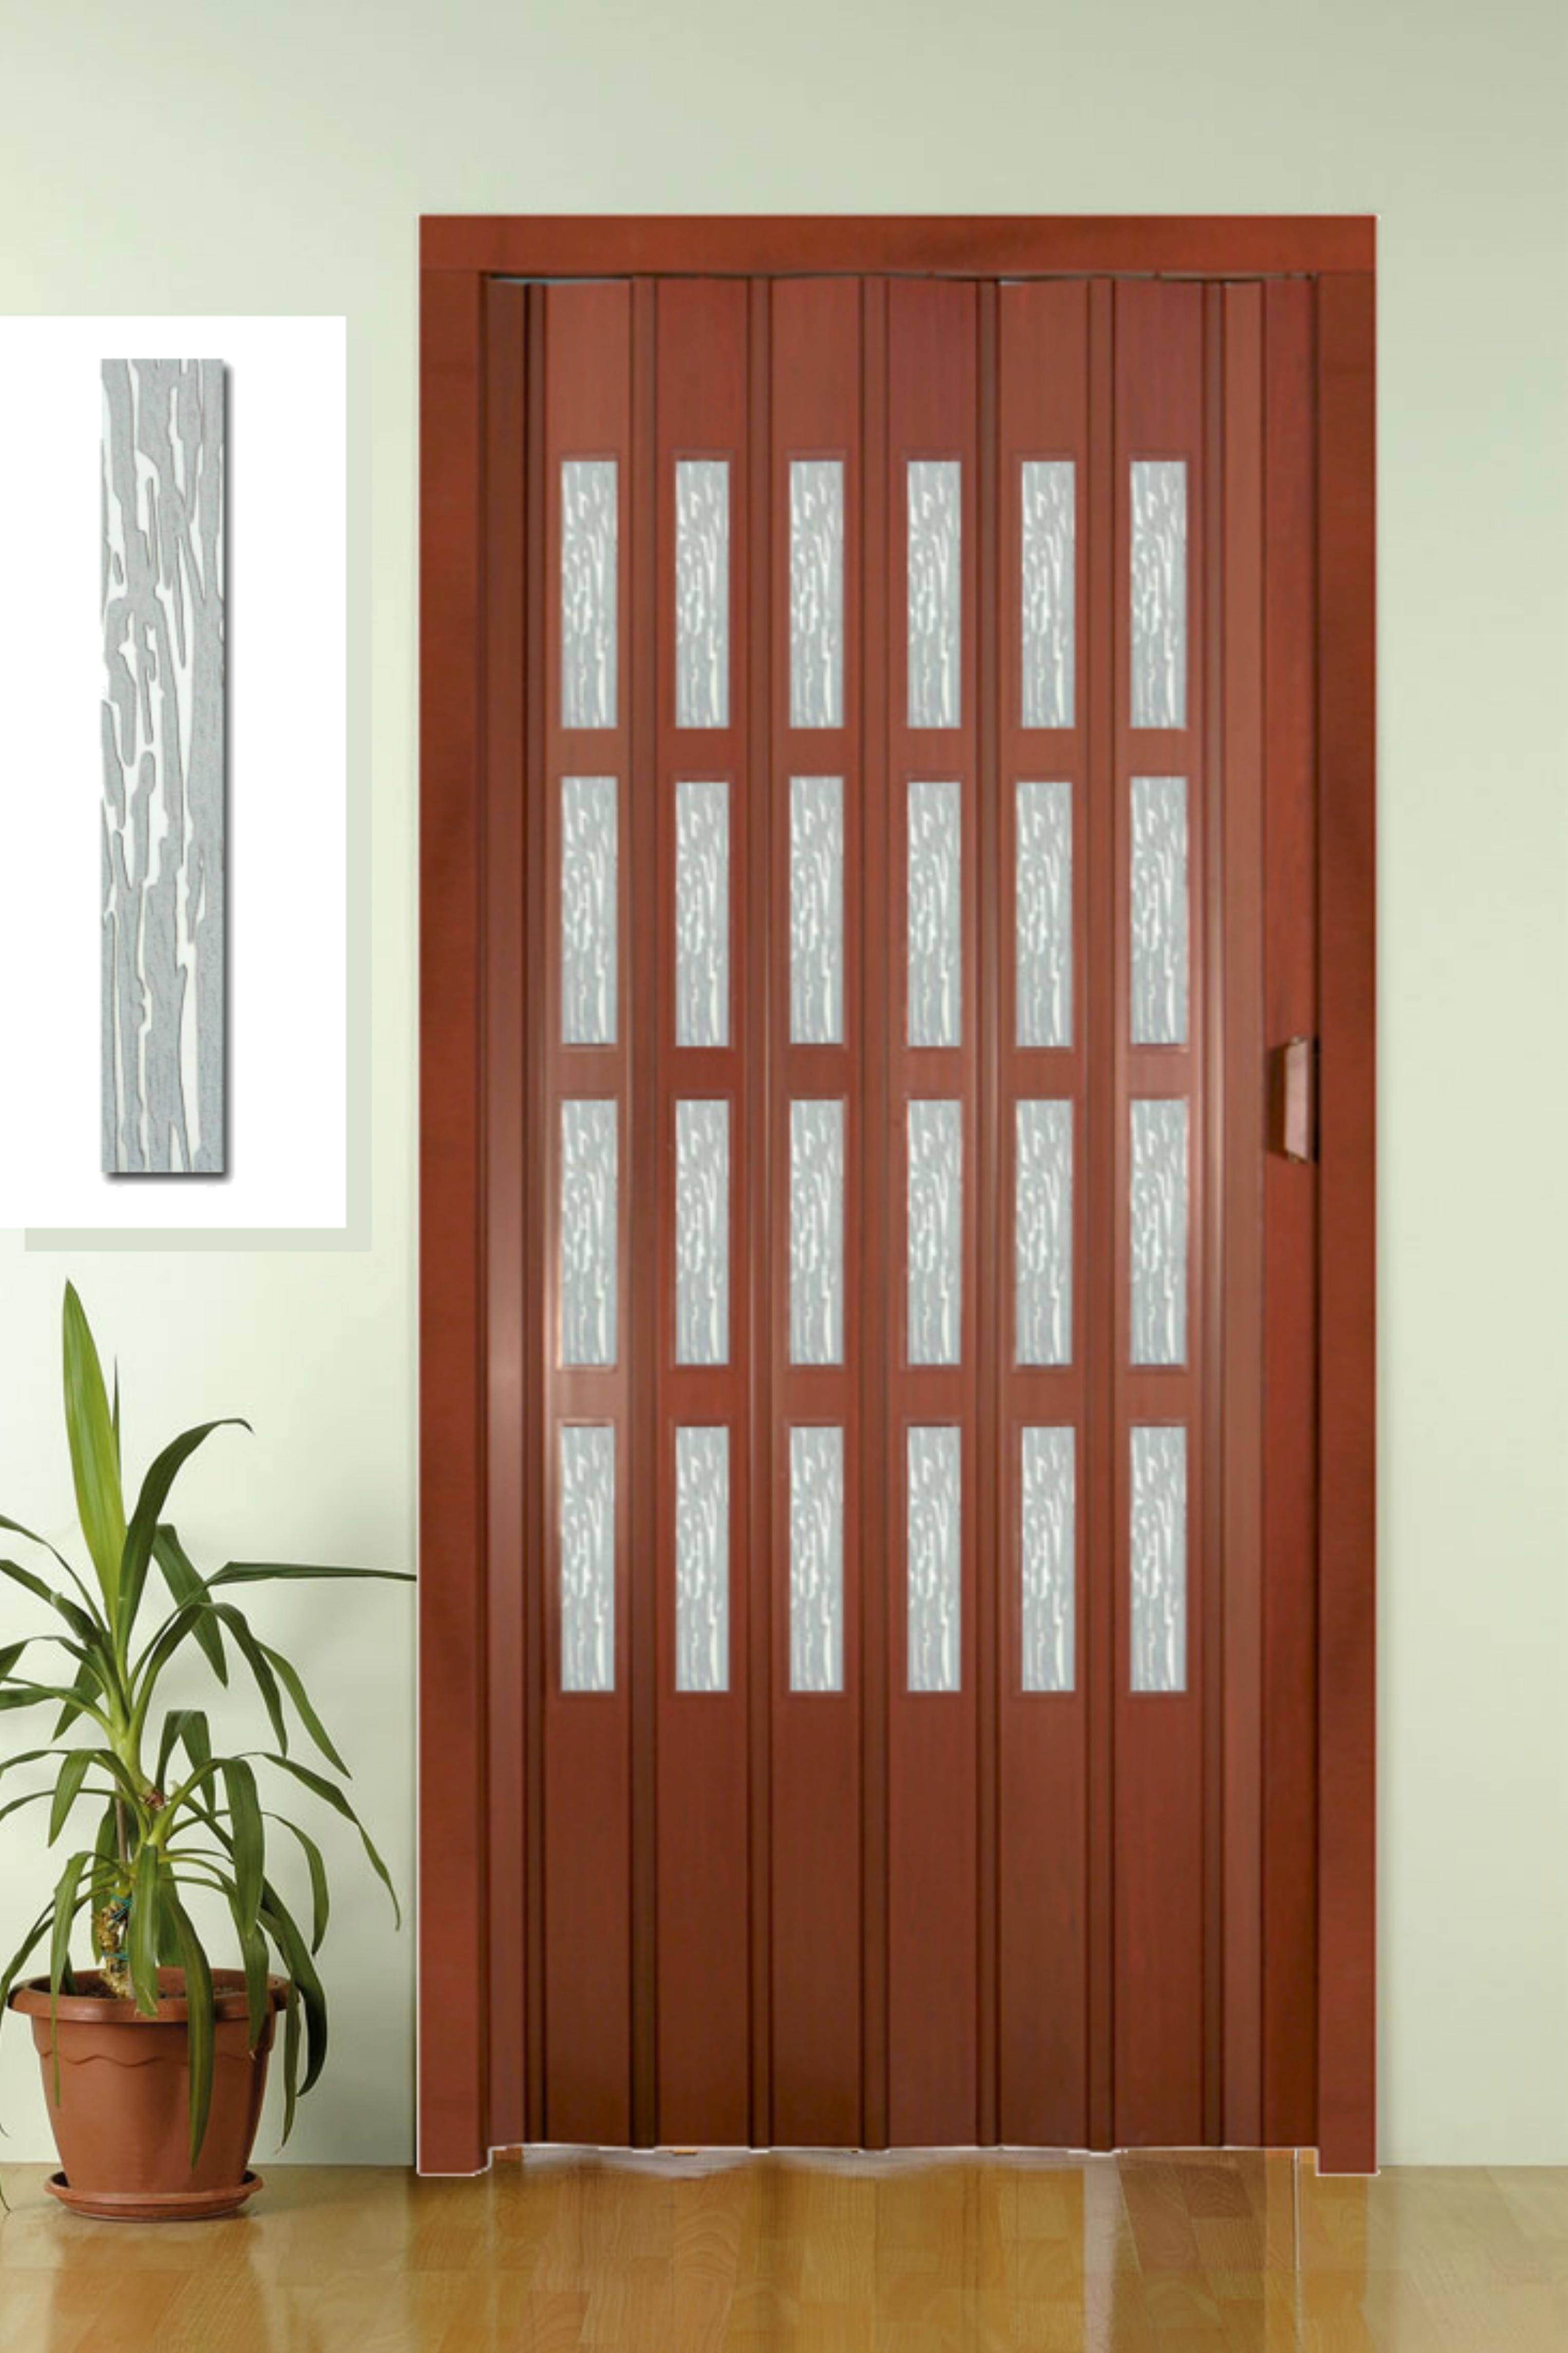 Porta a soffietto in pvc completa di vetrini niagara 9 colori prezzo al mq ebay - Prezzo finestre pvc al mq ...